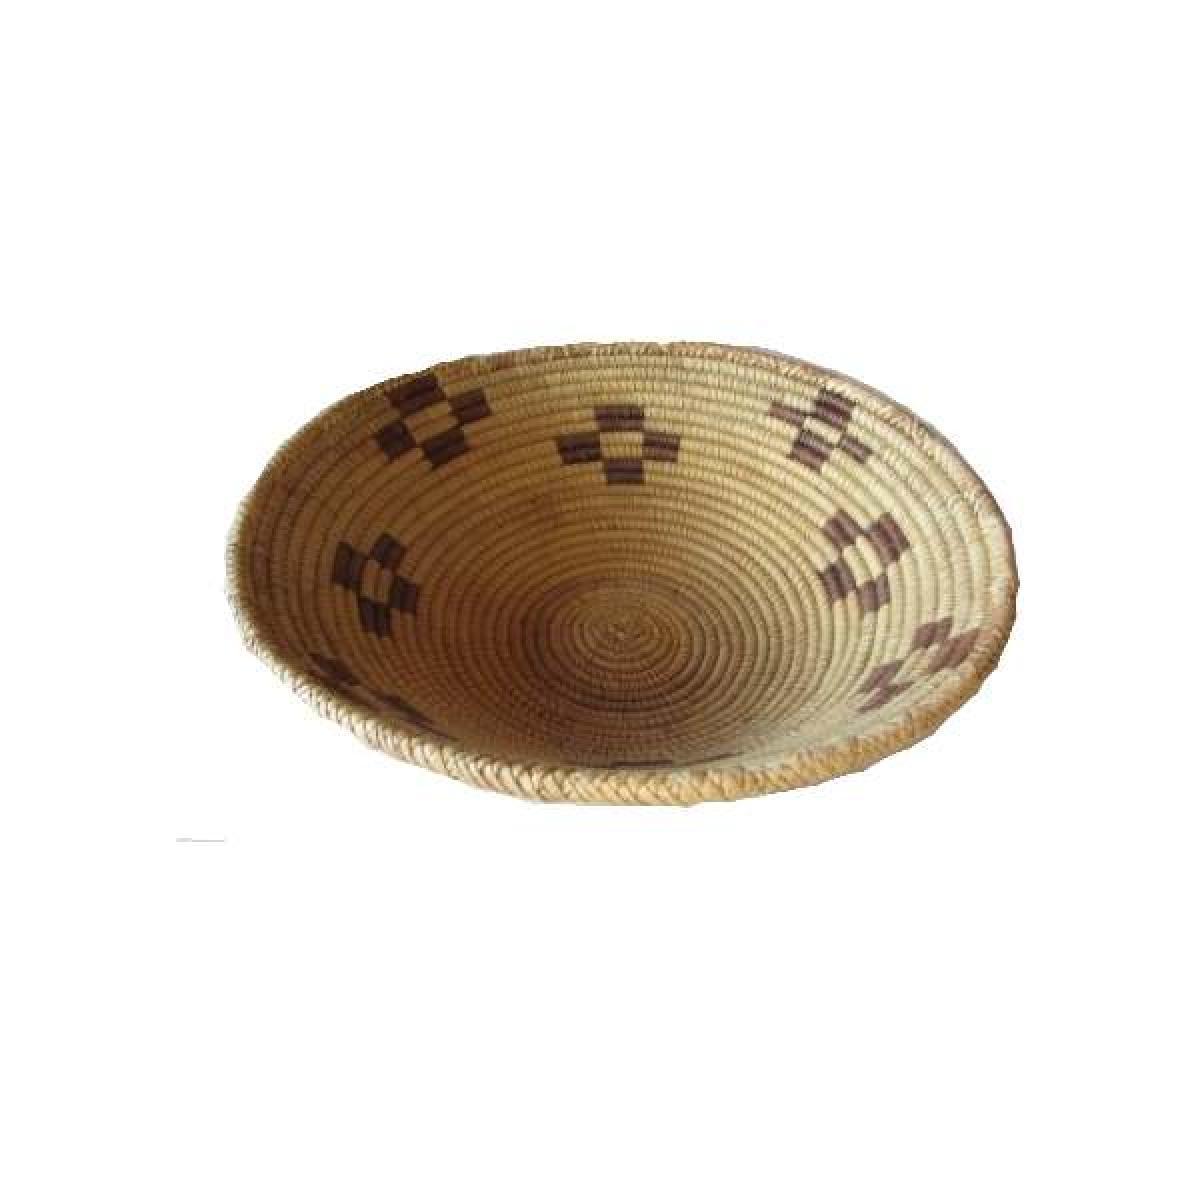 afrika deko shop schl langer freimann m nchen afrika deko shop karin welsch mit ffnungszeiten. Black Bedroom Furniture Sets. Home Design Ideas